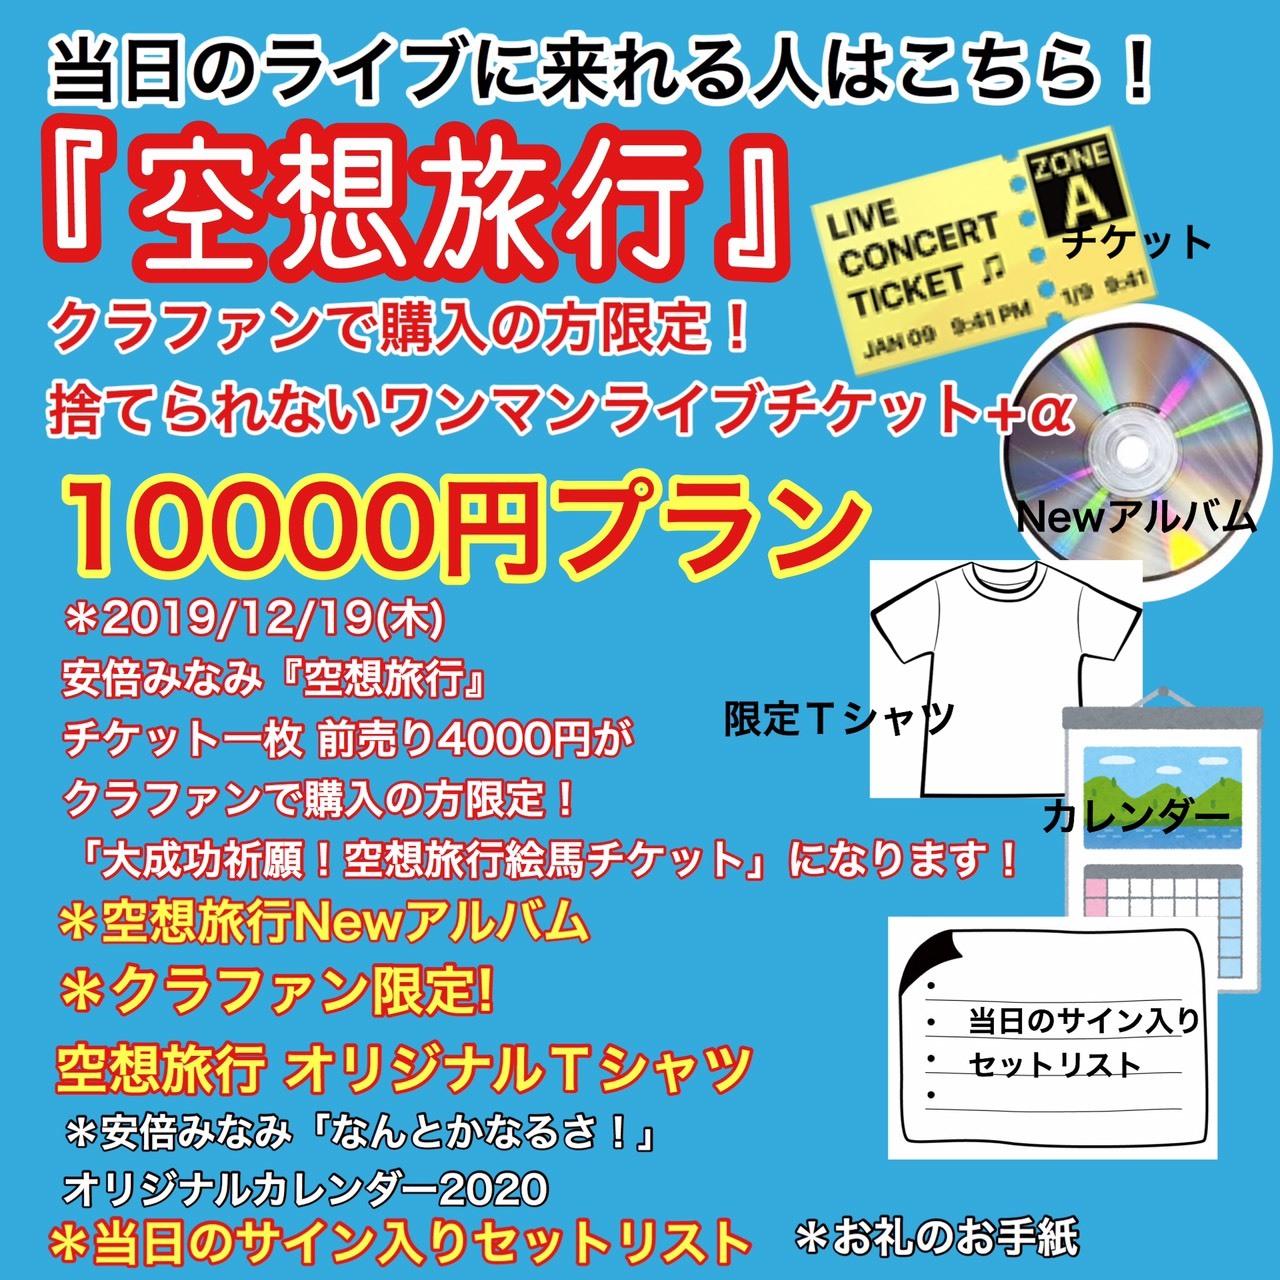 限定チケット+Newアルバム+限定Tシャツ+カレンダー+サイン入りセットリストプラン